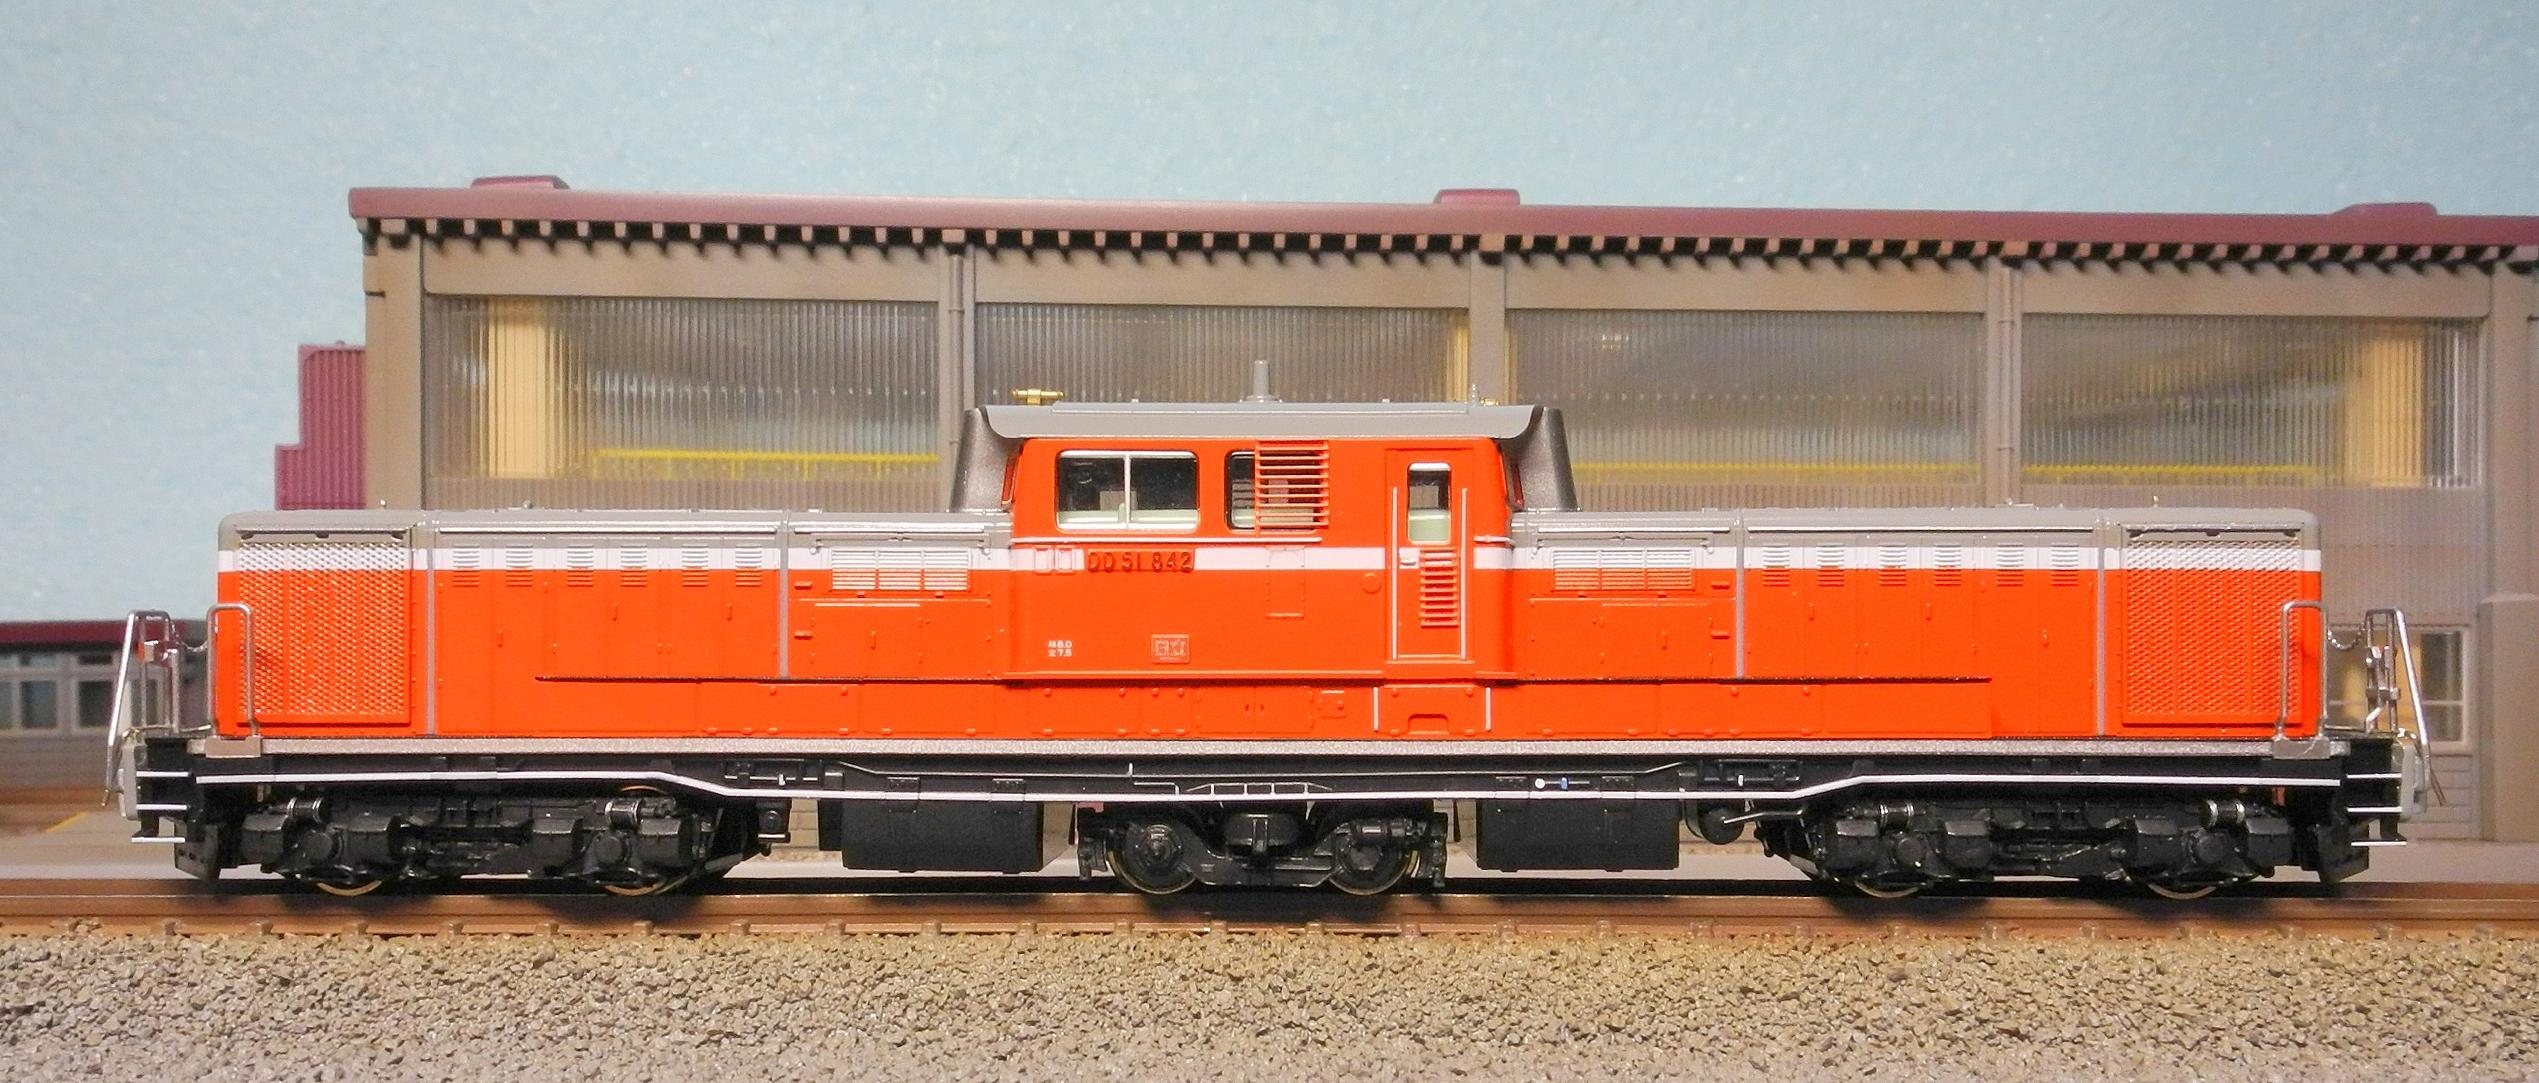 DSCN7429-1.jpg